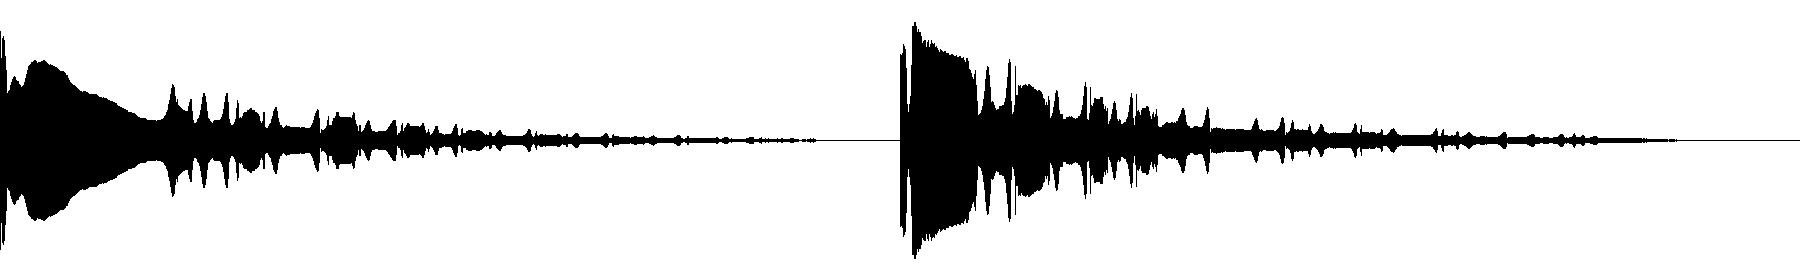 guitarfunk28 120